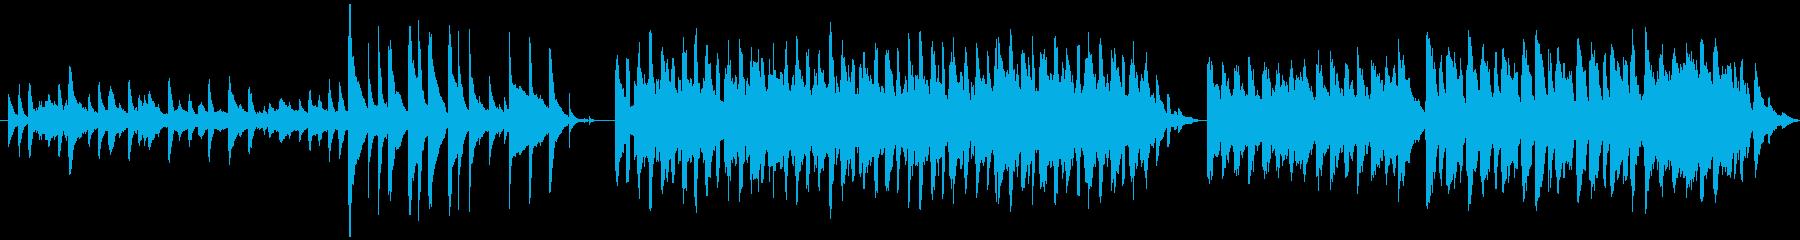 福袋「NATURE」の再生済みの波形